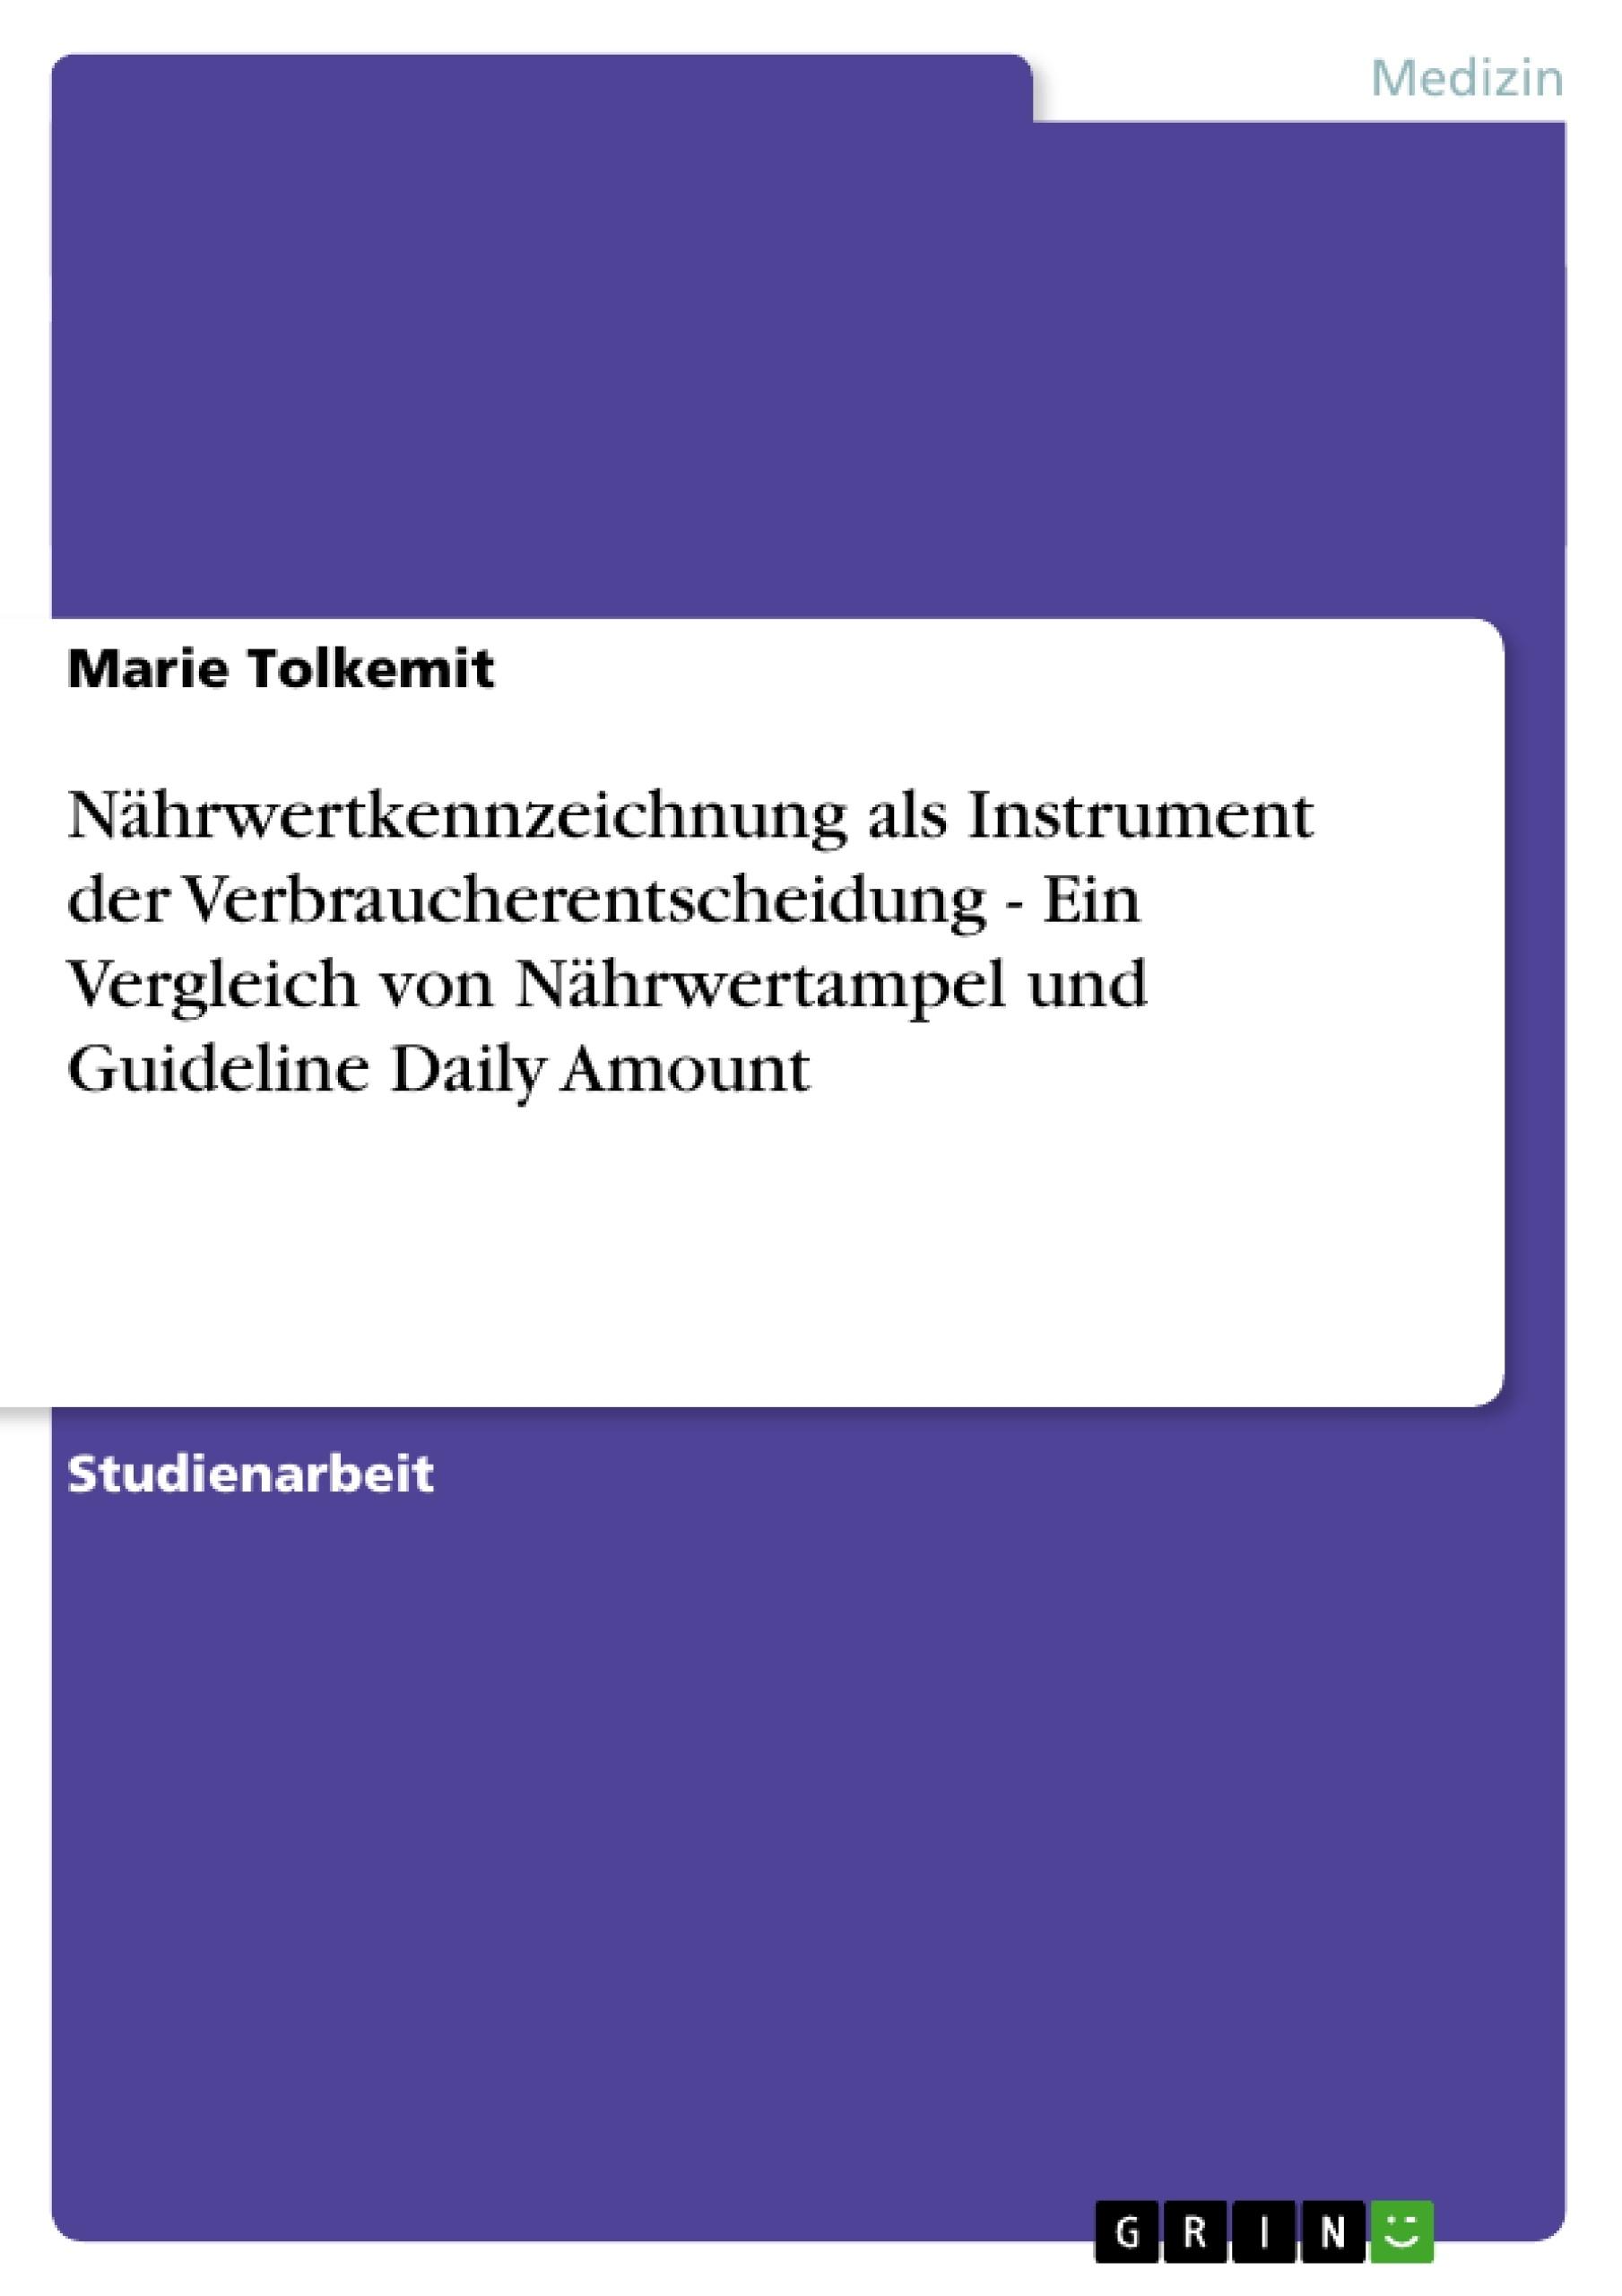 Titel: Nährwertkennzeichnung als Instrument der Verbraucherentscheidung - Ein Vergleich von Nährwertampel und Guideline Daily Amount